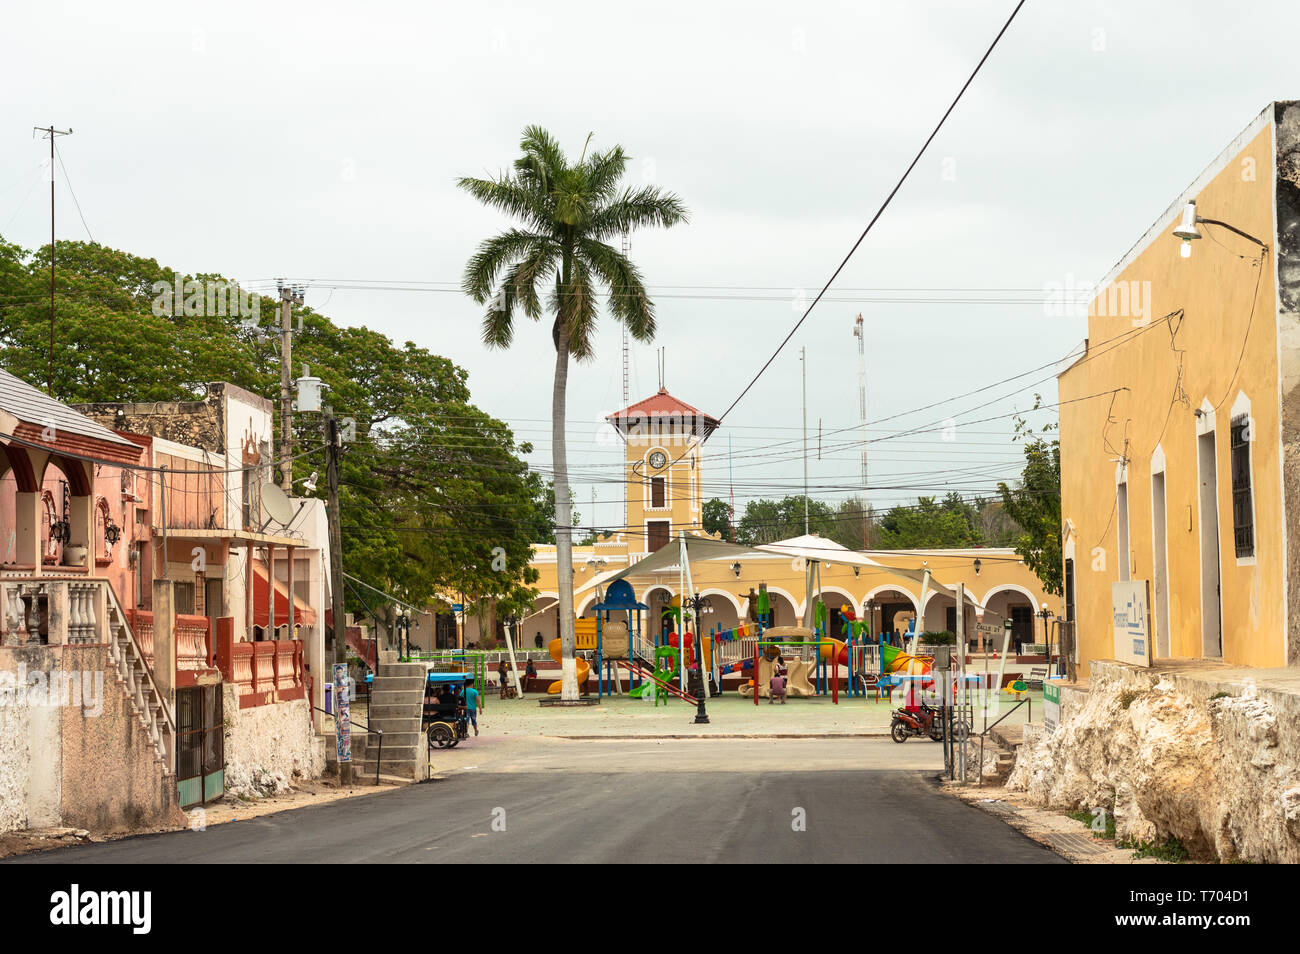 Vista della piazza principale di Maxcanu, Yucatan. Immagini Stock